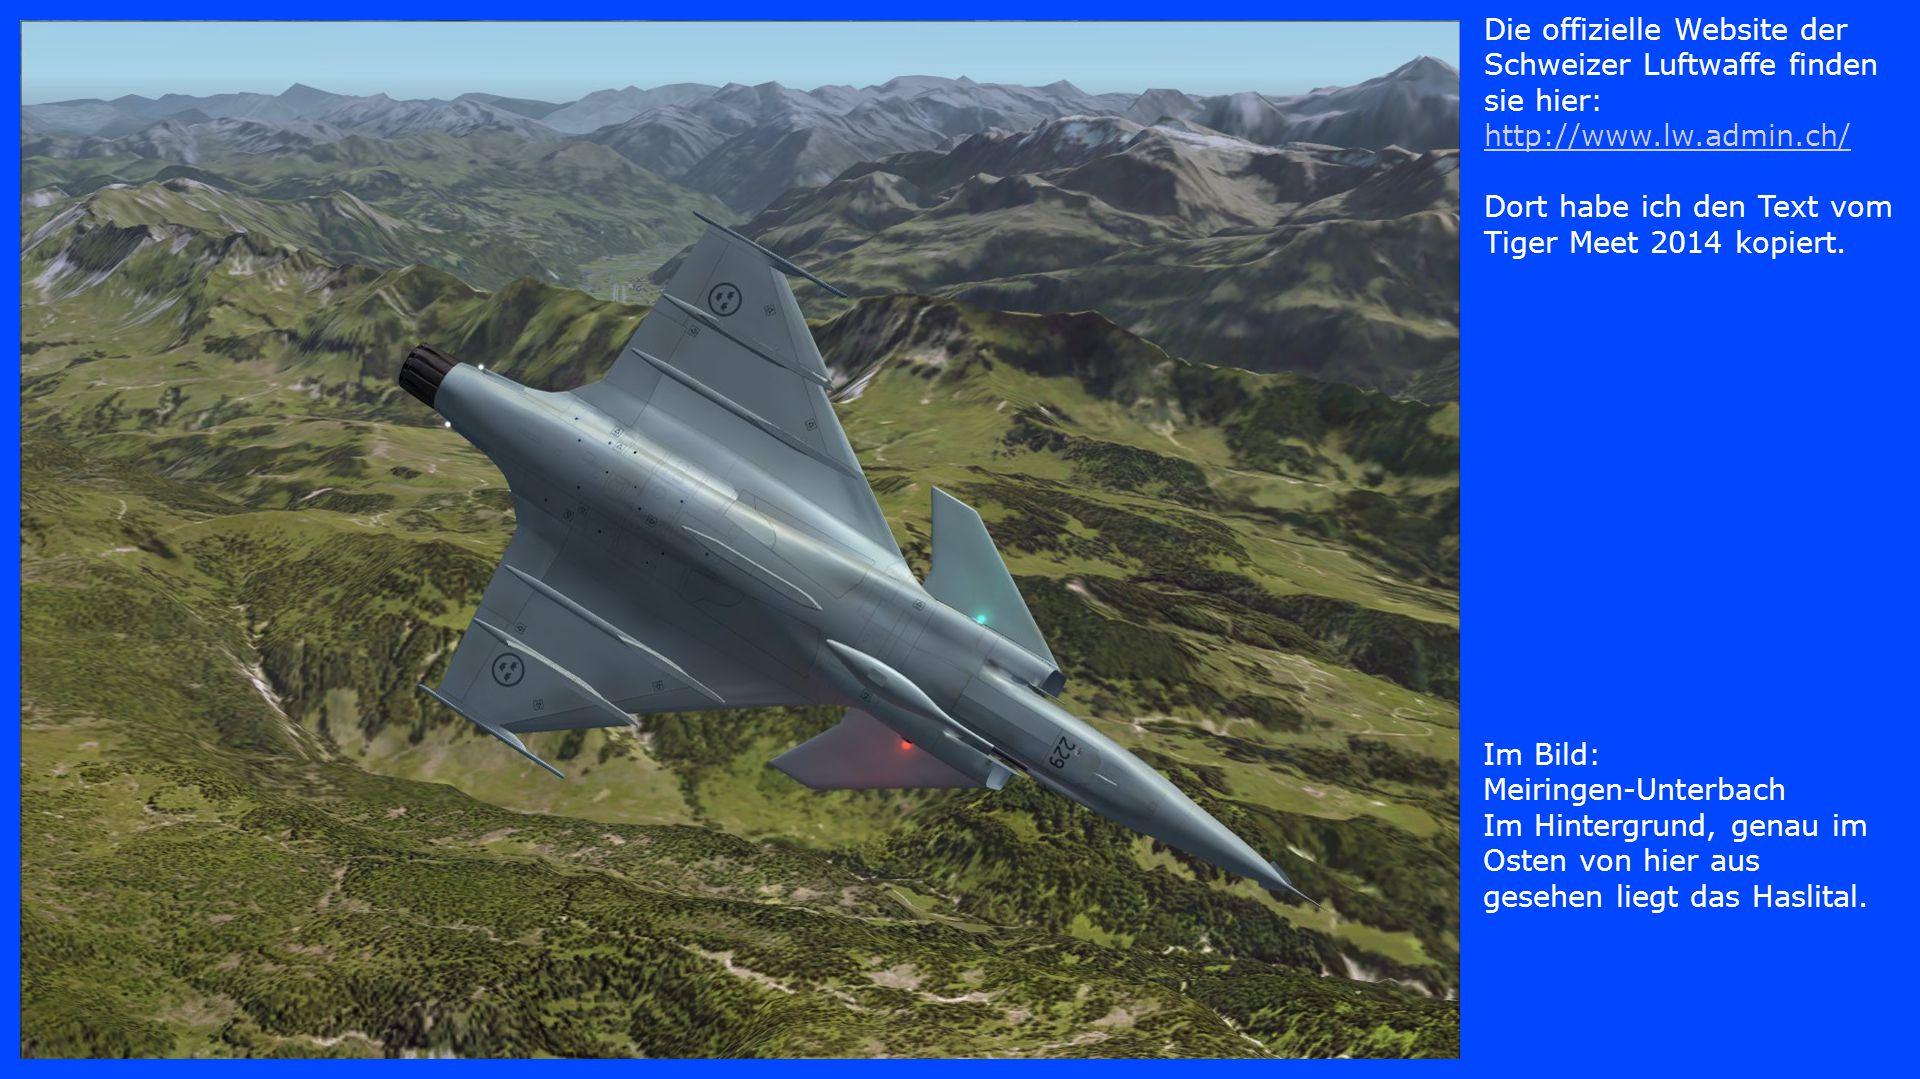 Im Bild: Justistal Wiederum ein Tiefflug mit hoher Geschwindigkeit, nur am FlightSim gestattet.